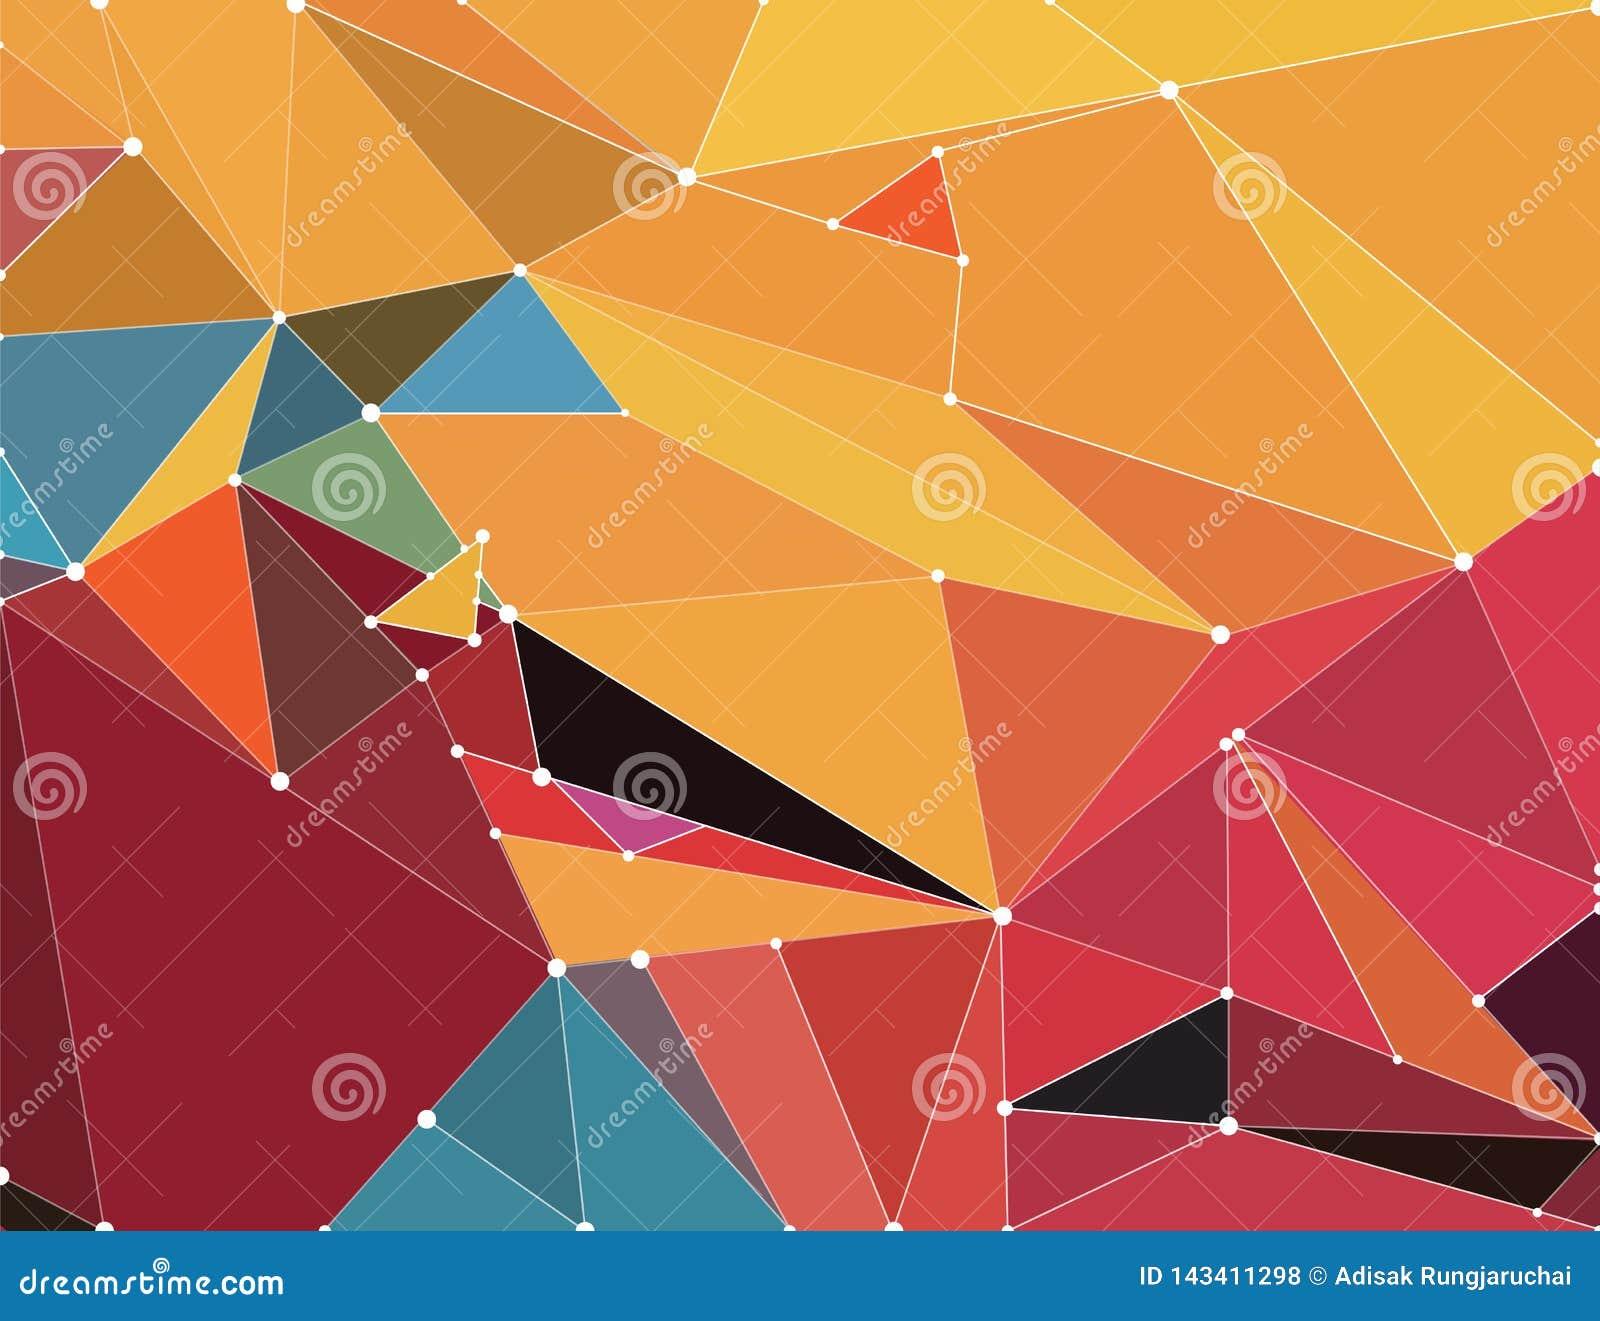 Abstrakter geometrischer Hintergrund mit hellen Farben, wenn die Polygone der Zukunft, mit Polygonverbindungslinien gefaltet sind